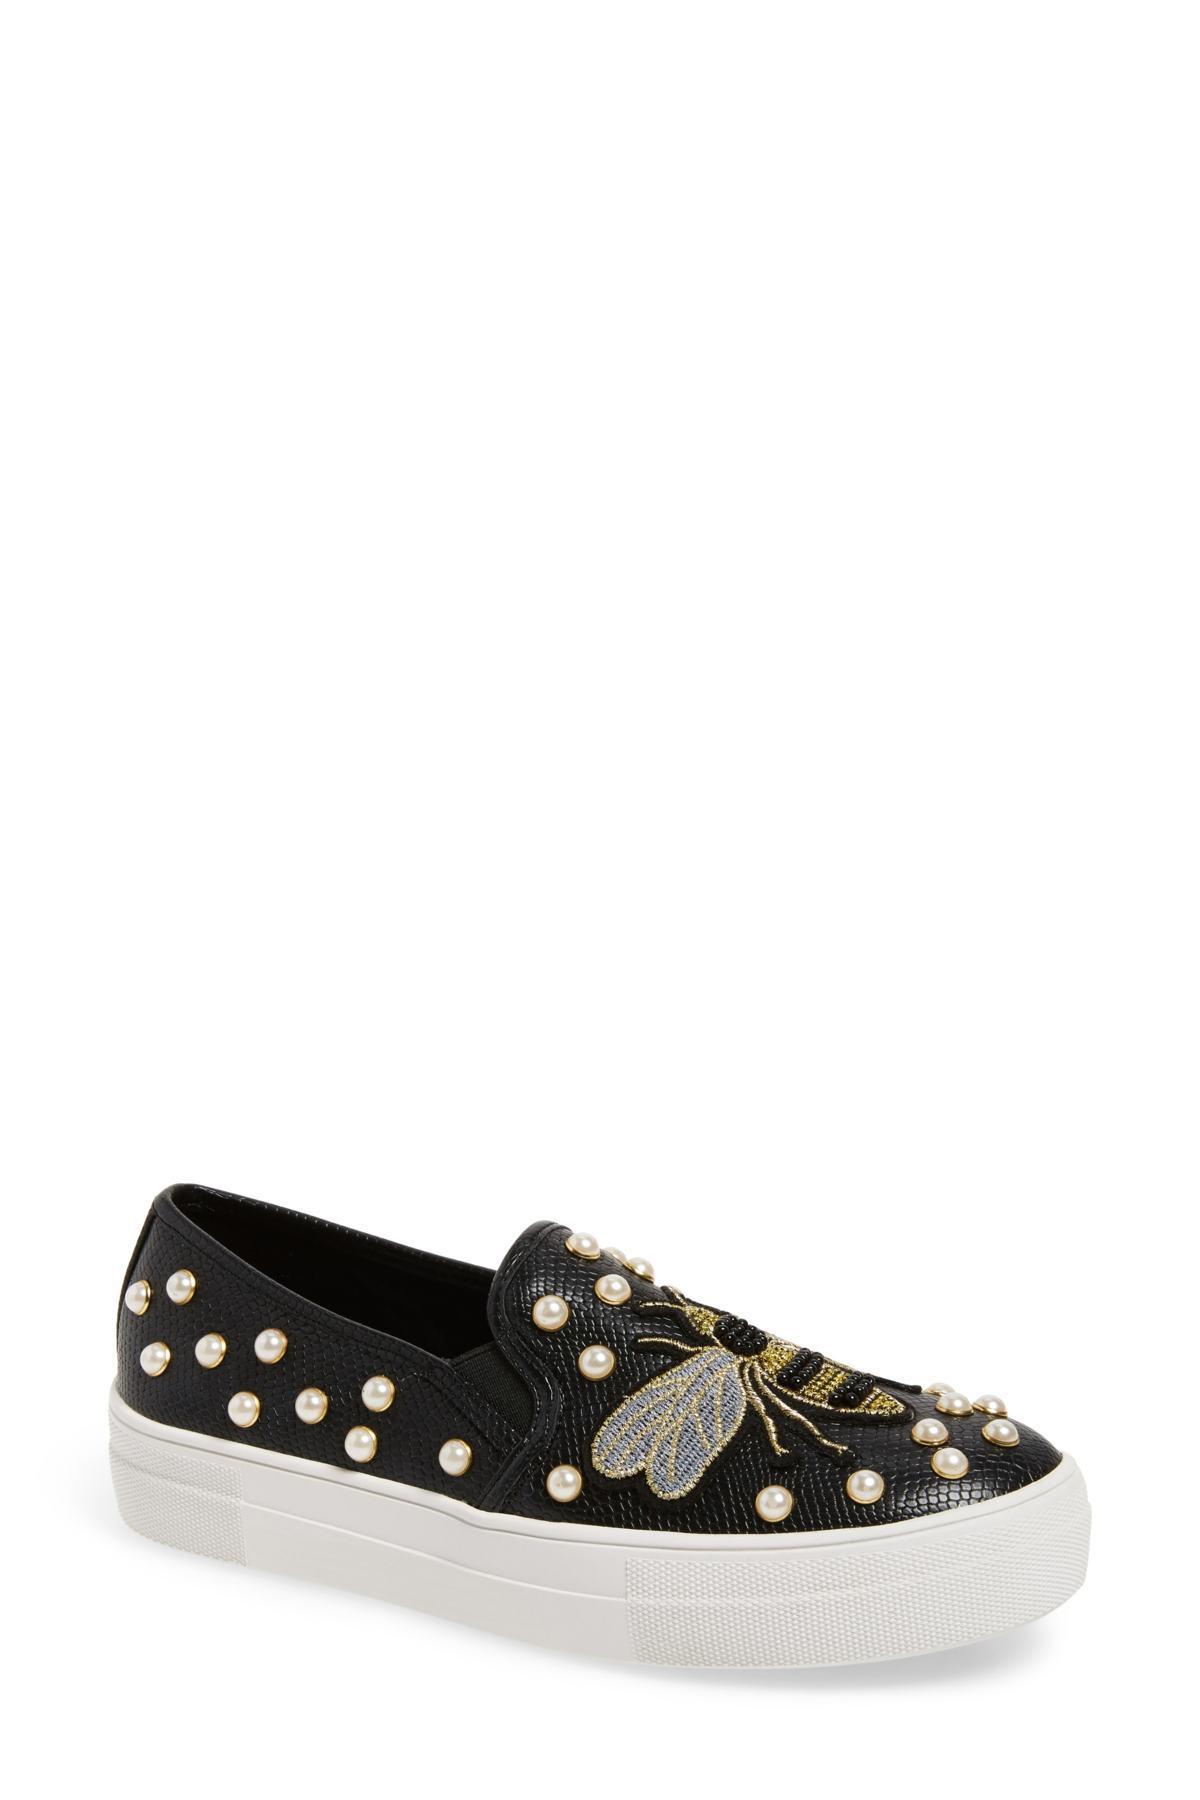 c48665fe15b Steve Madden Black Polly Bee Embellished Slip-on Platform Sneaker (women)